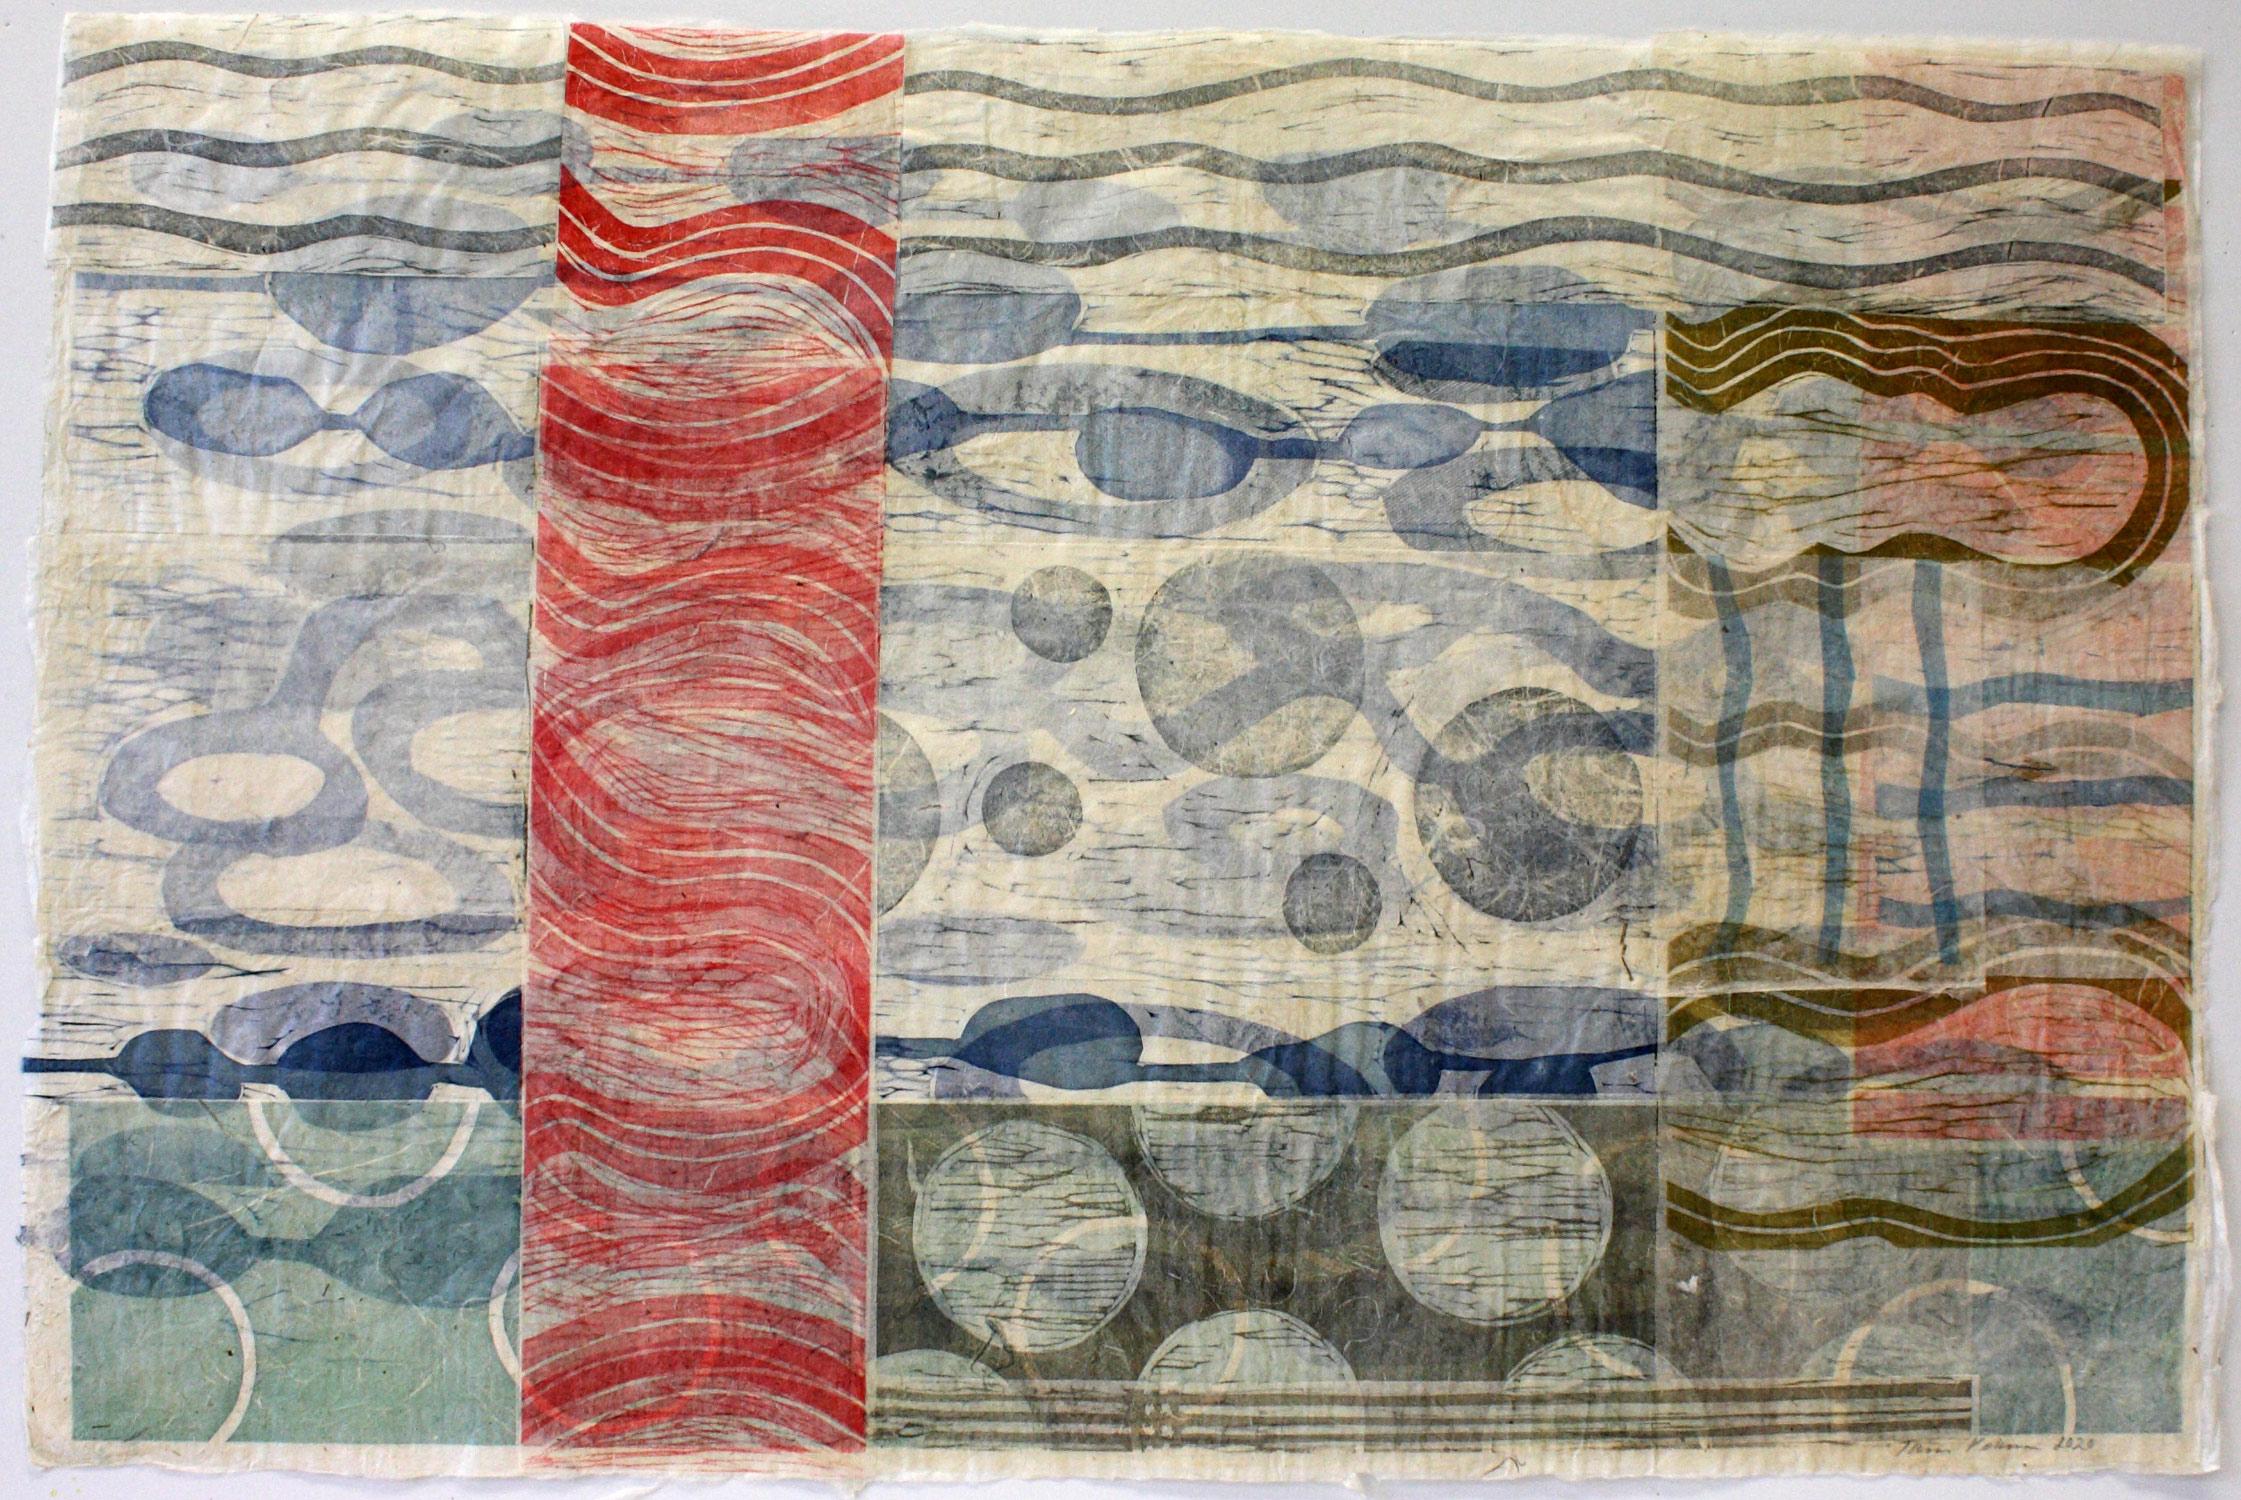 Asiat aaltoilee 1/Things Waving 1, 2020, puupiirroskollaasi/woodcut collage, 51x77cm